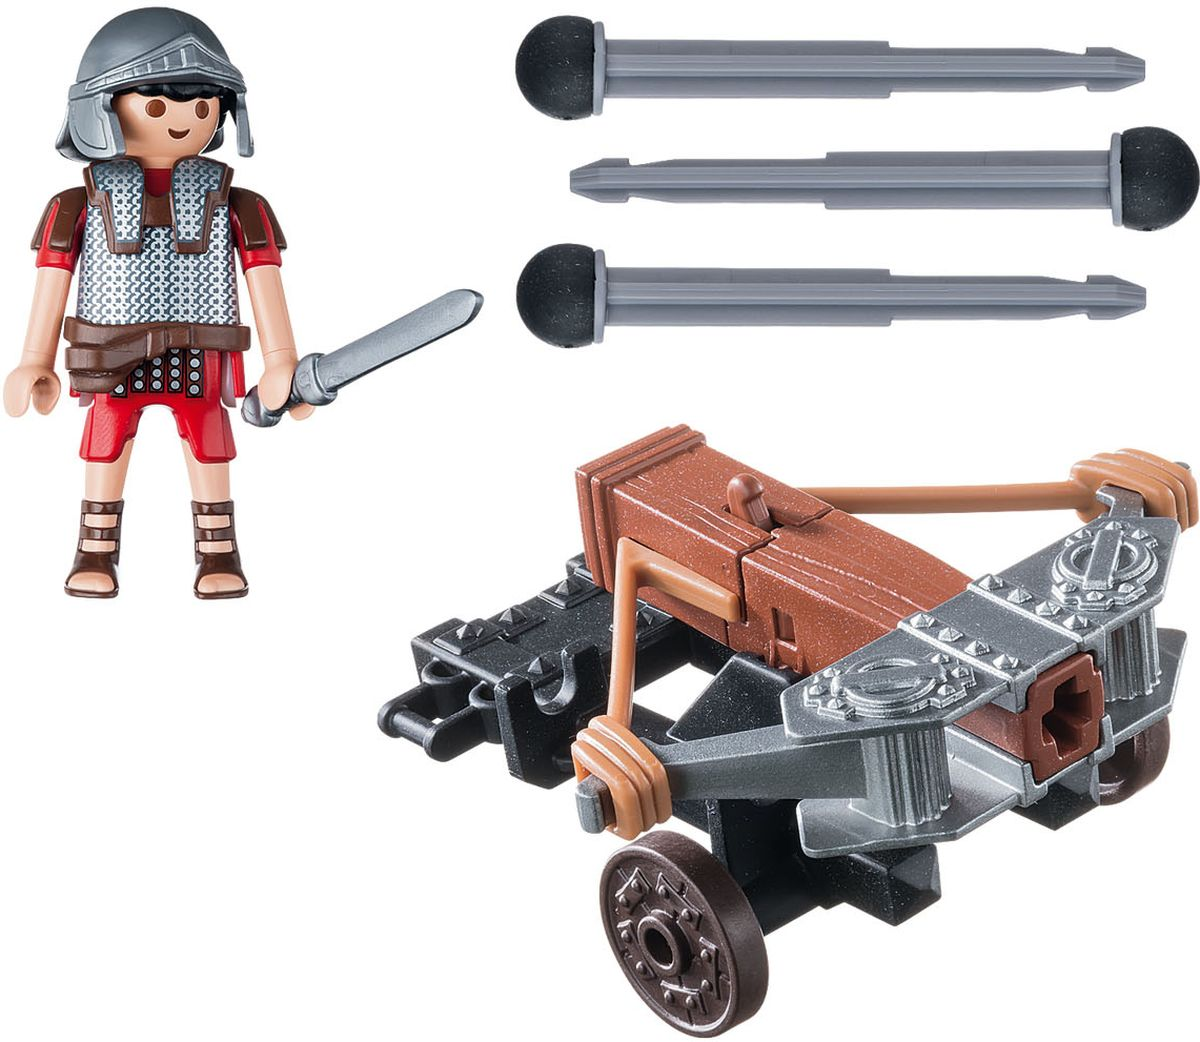 Playmobil Игровой набор Римляне и египтяне Легионер с баллистой